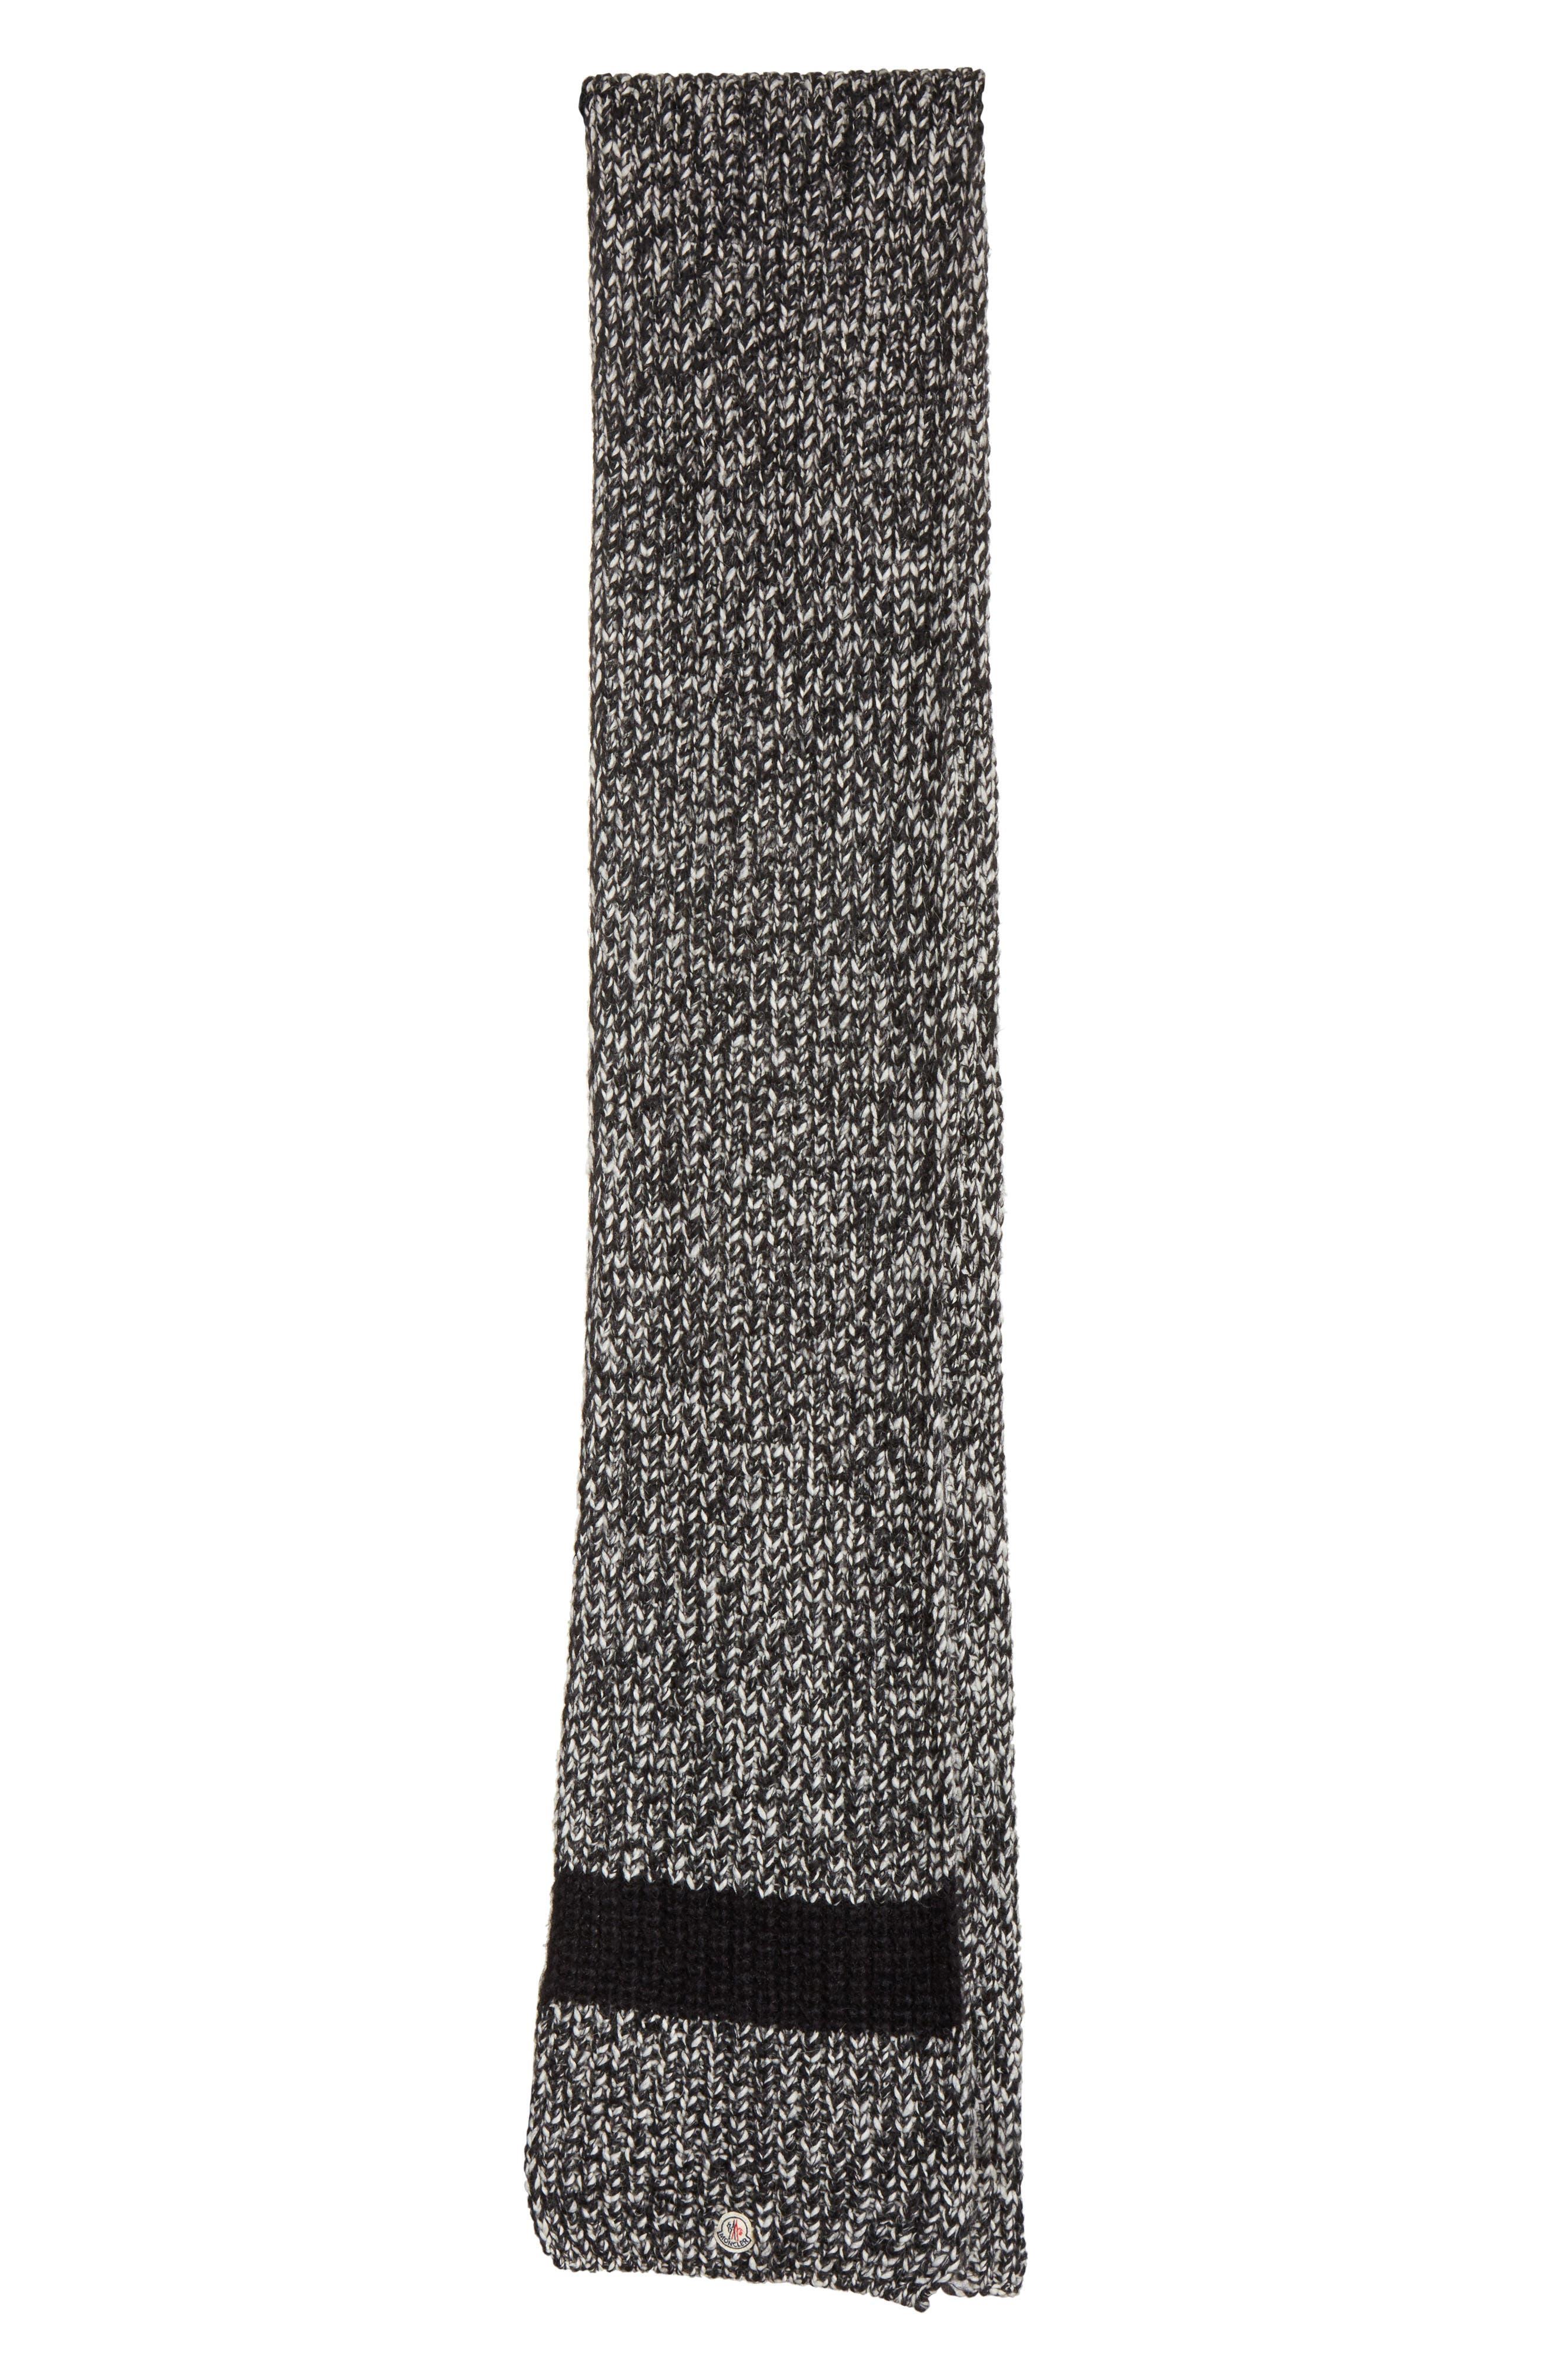 Wide Mélange Knit Scarf,                             Main thumbnail 1, color,                             BLACK